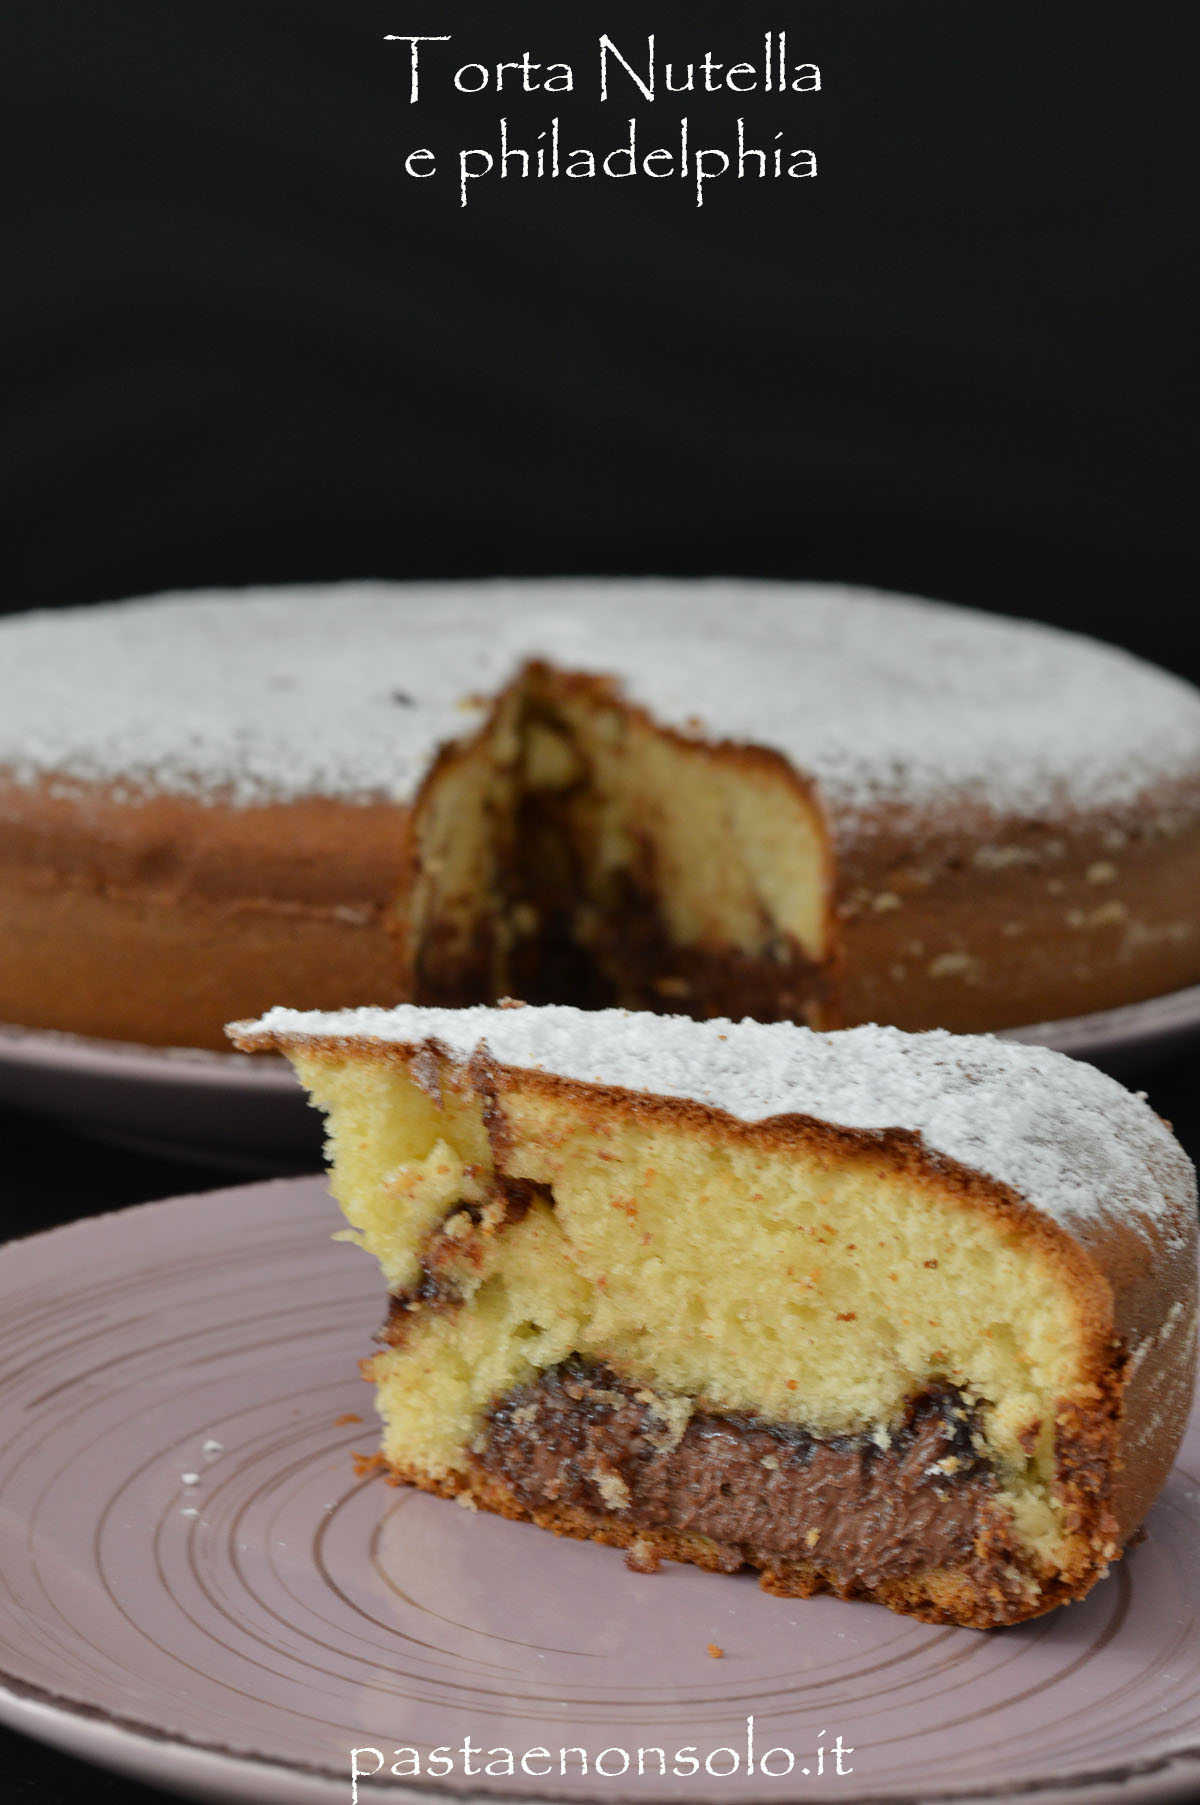 torta nutella e philadelphia 1